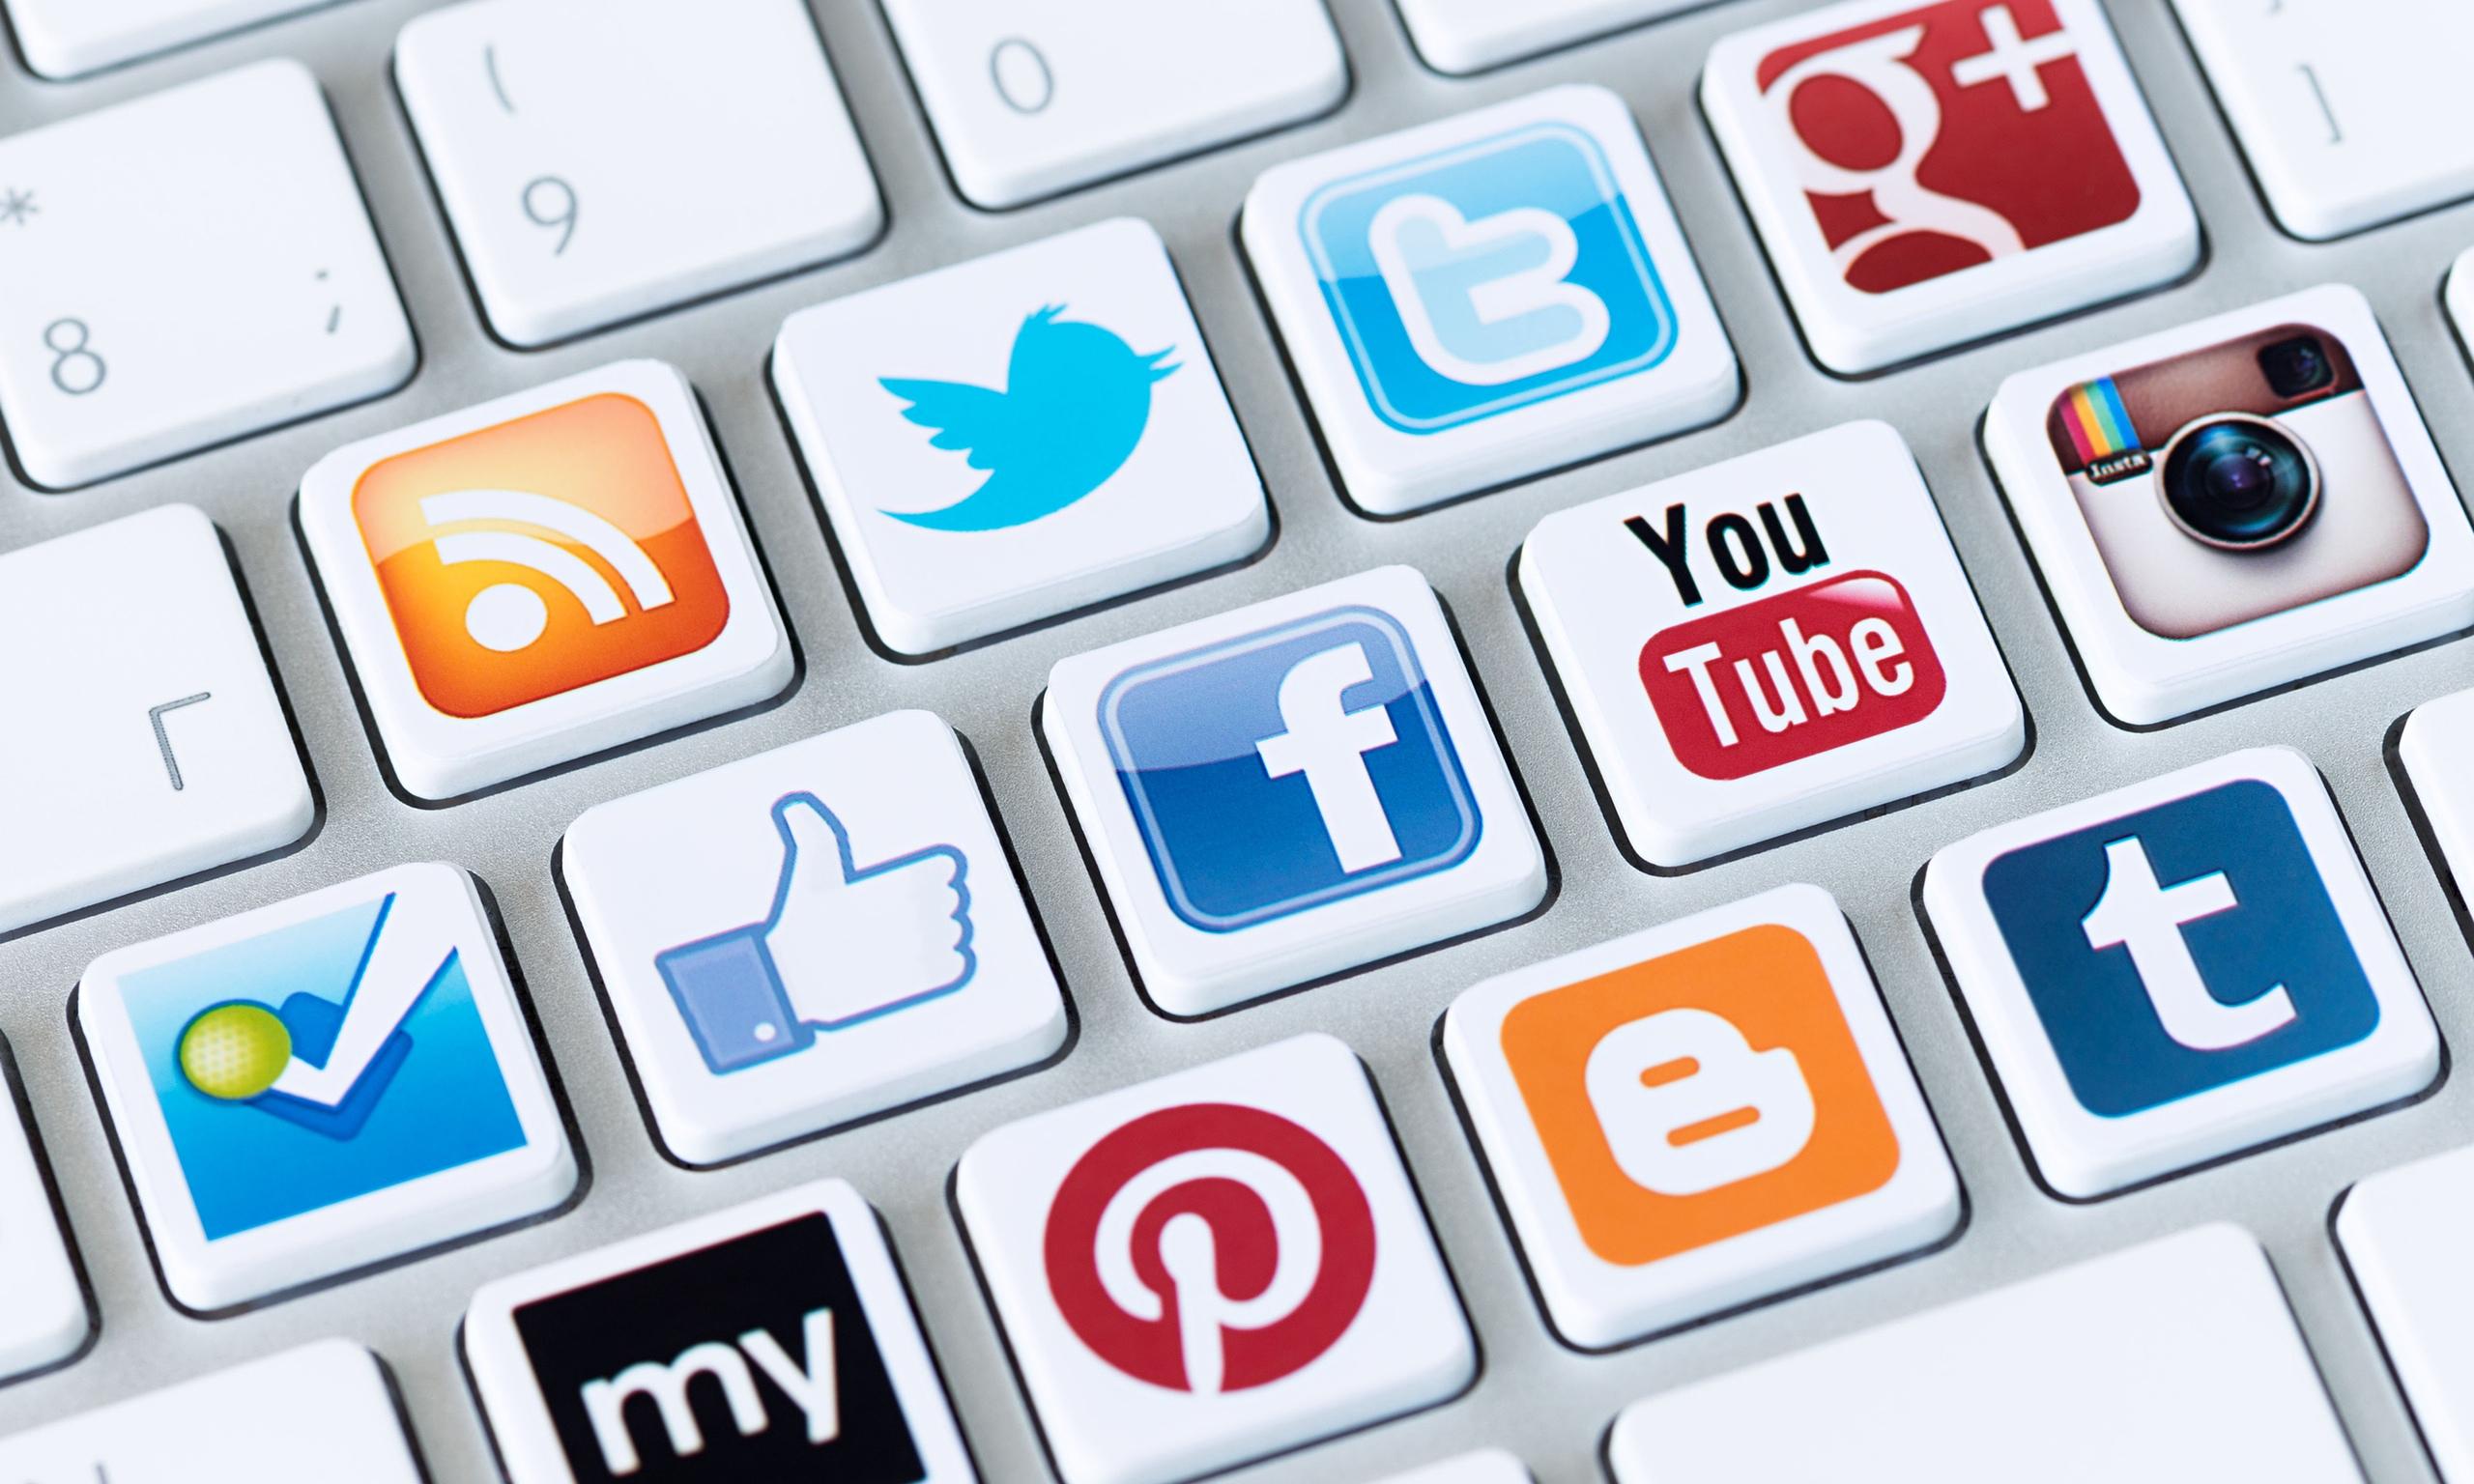 Раскрутка в инстаграм и других социальных сетях